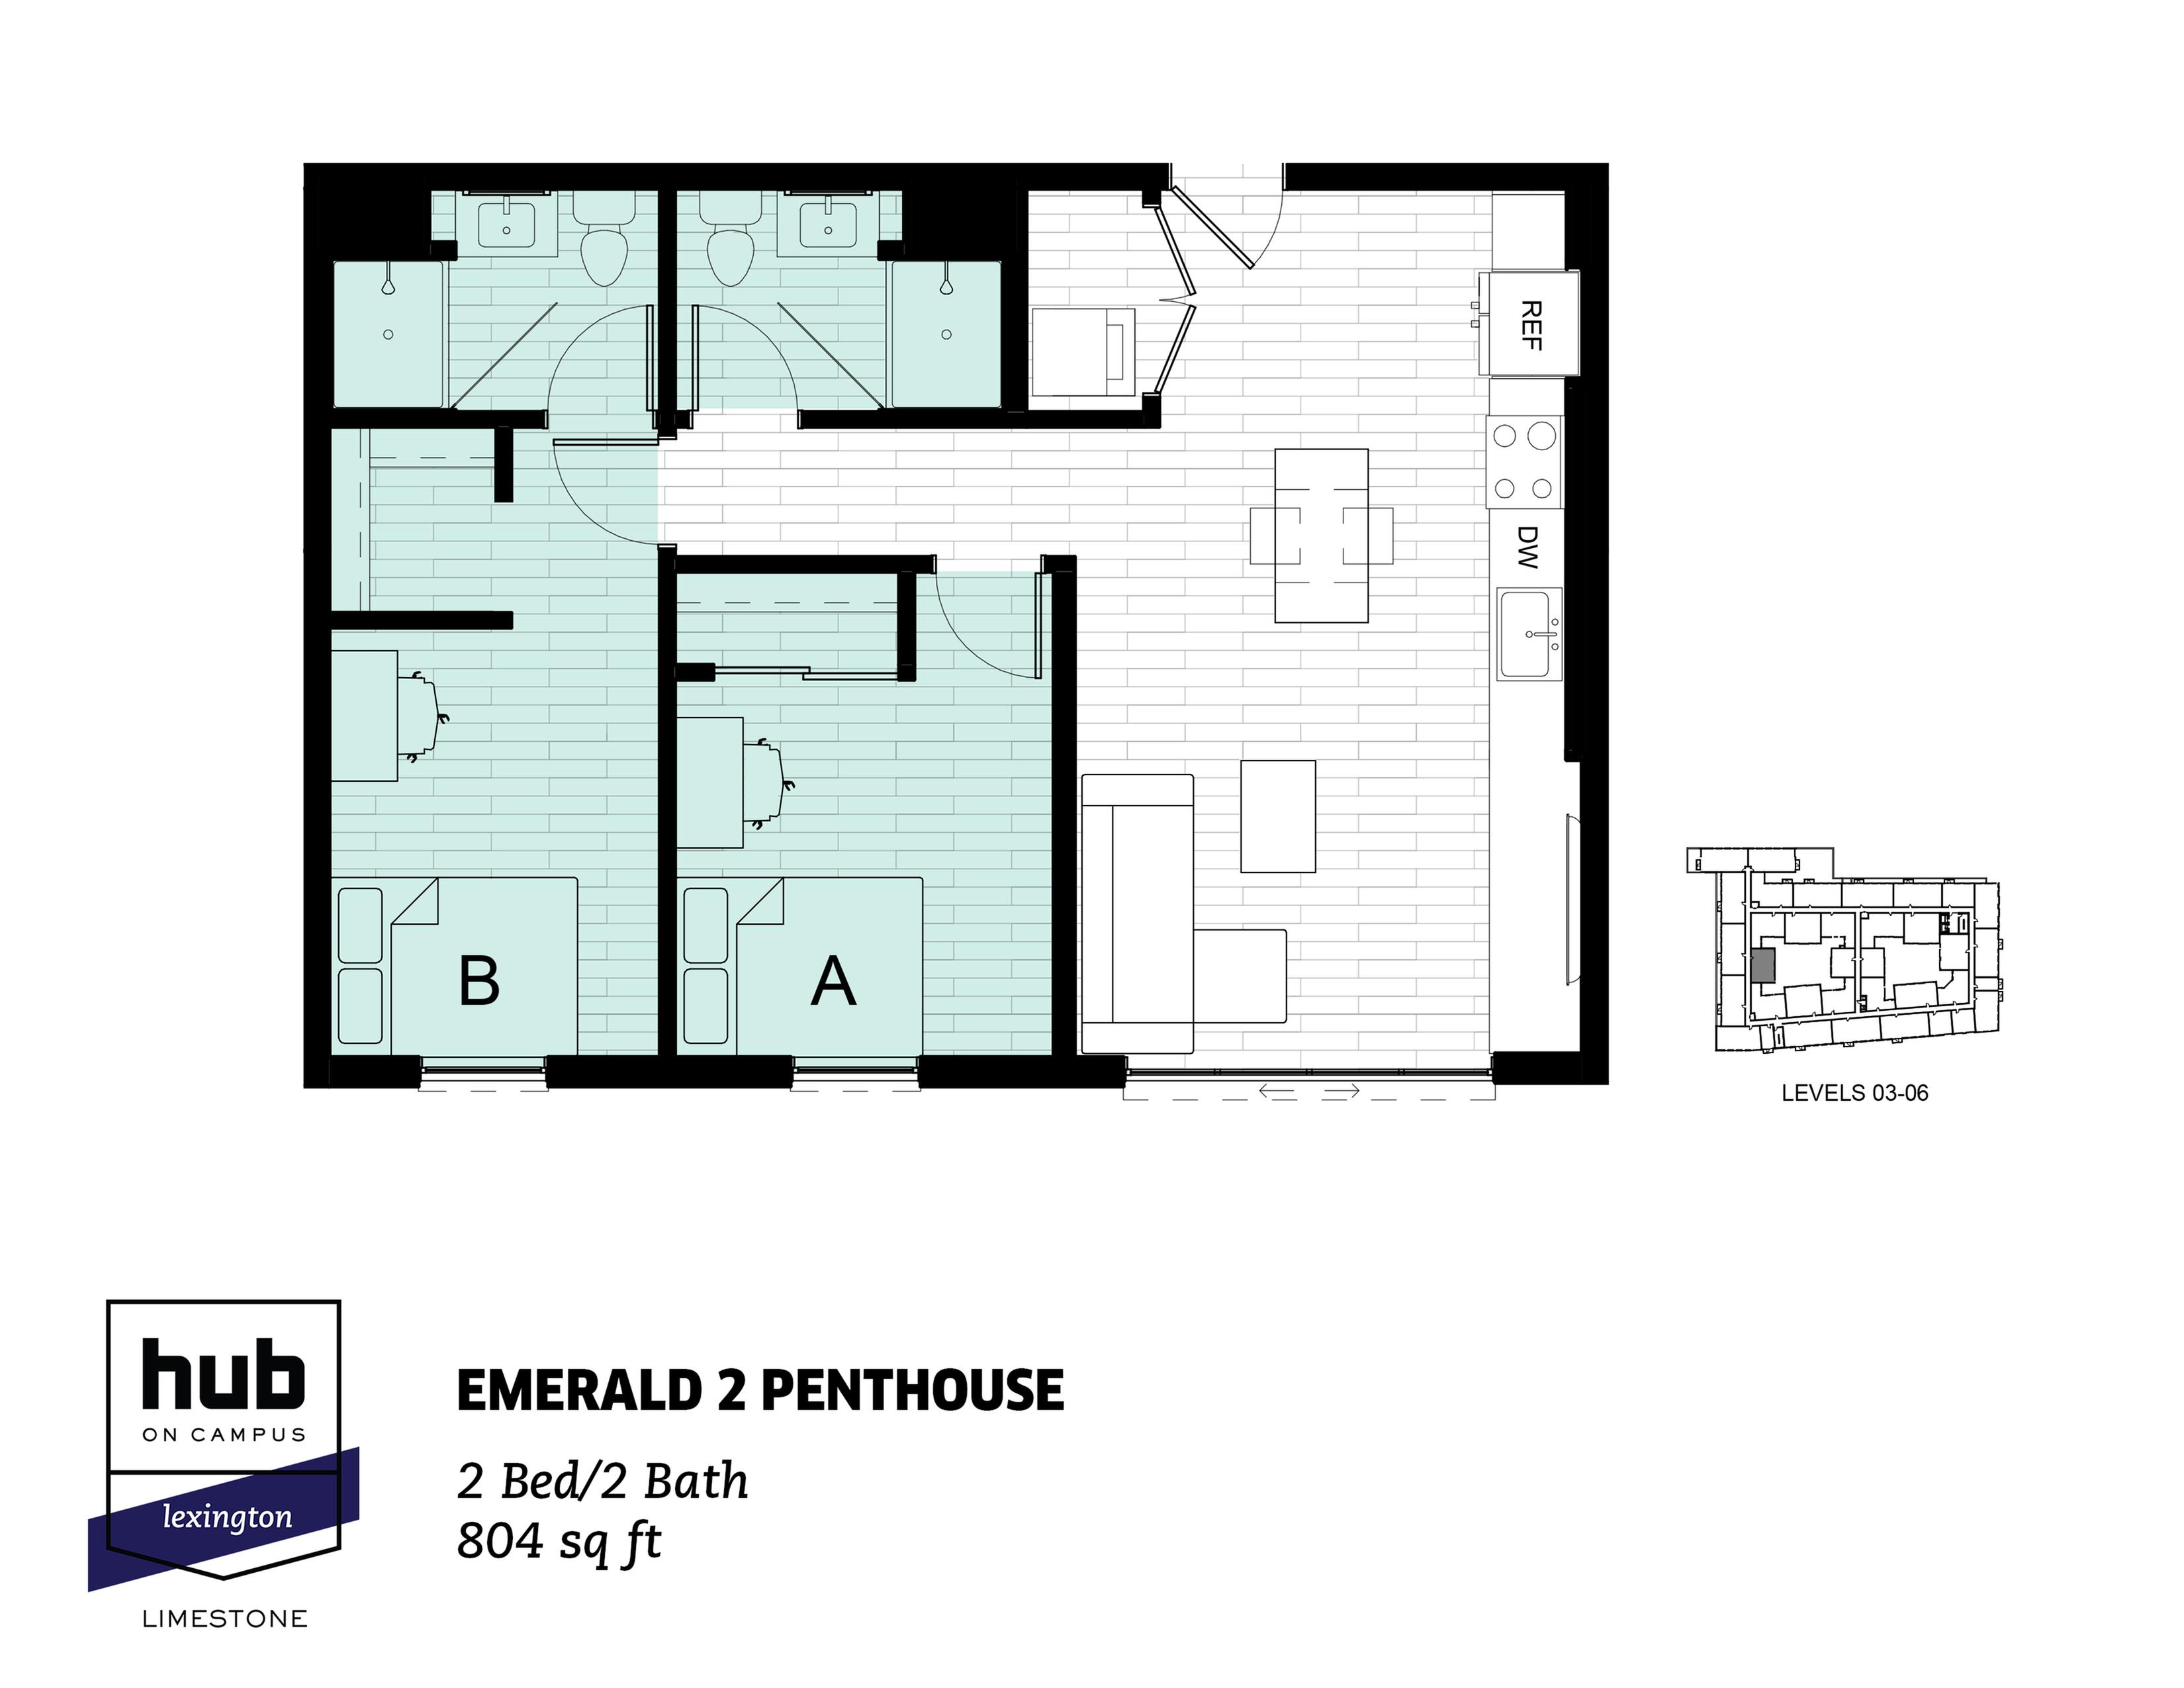 Emerald 2 Penthouse